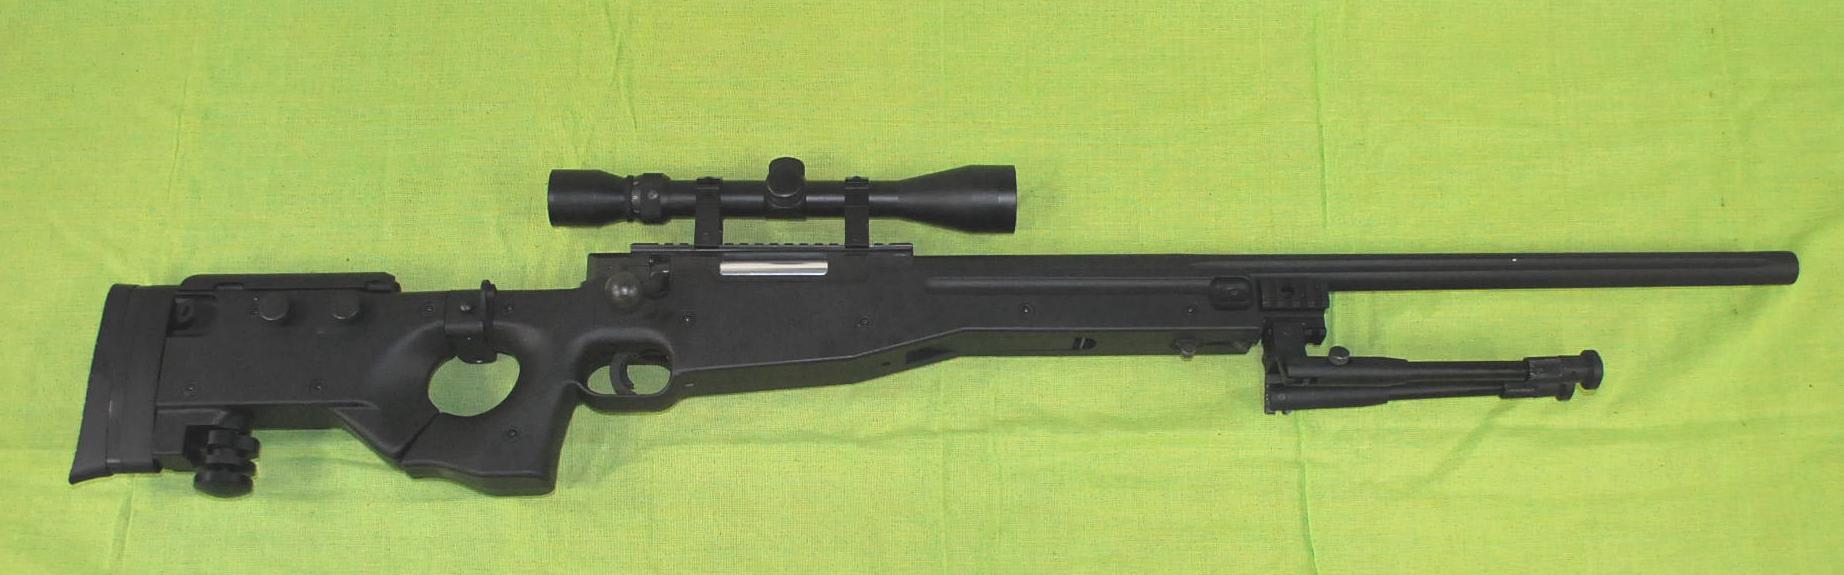 L96 AW338スナイパーライフル(エアコッキング)BK C格品(一部欠品)